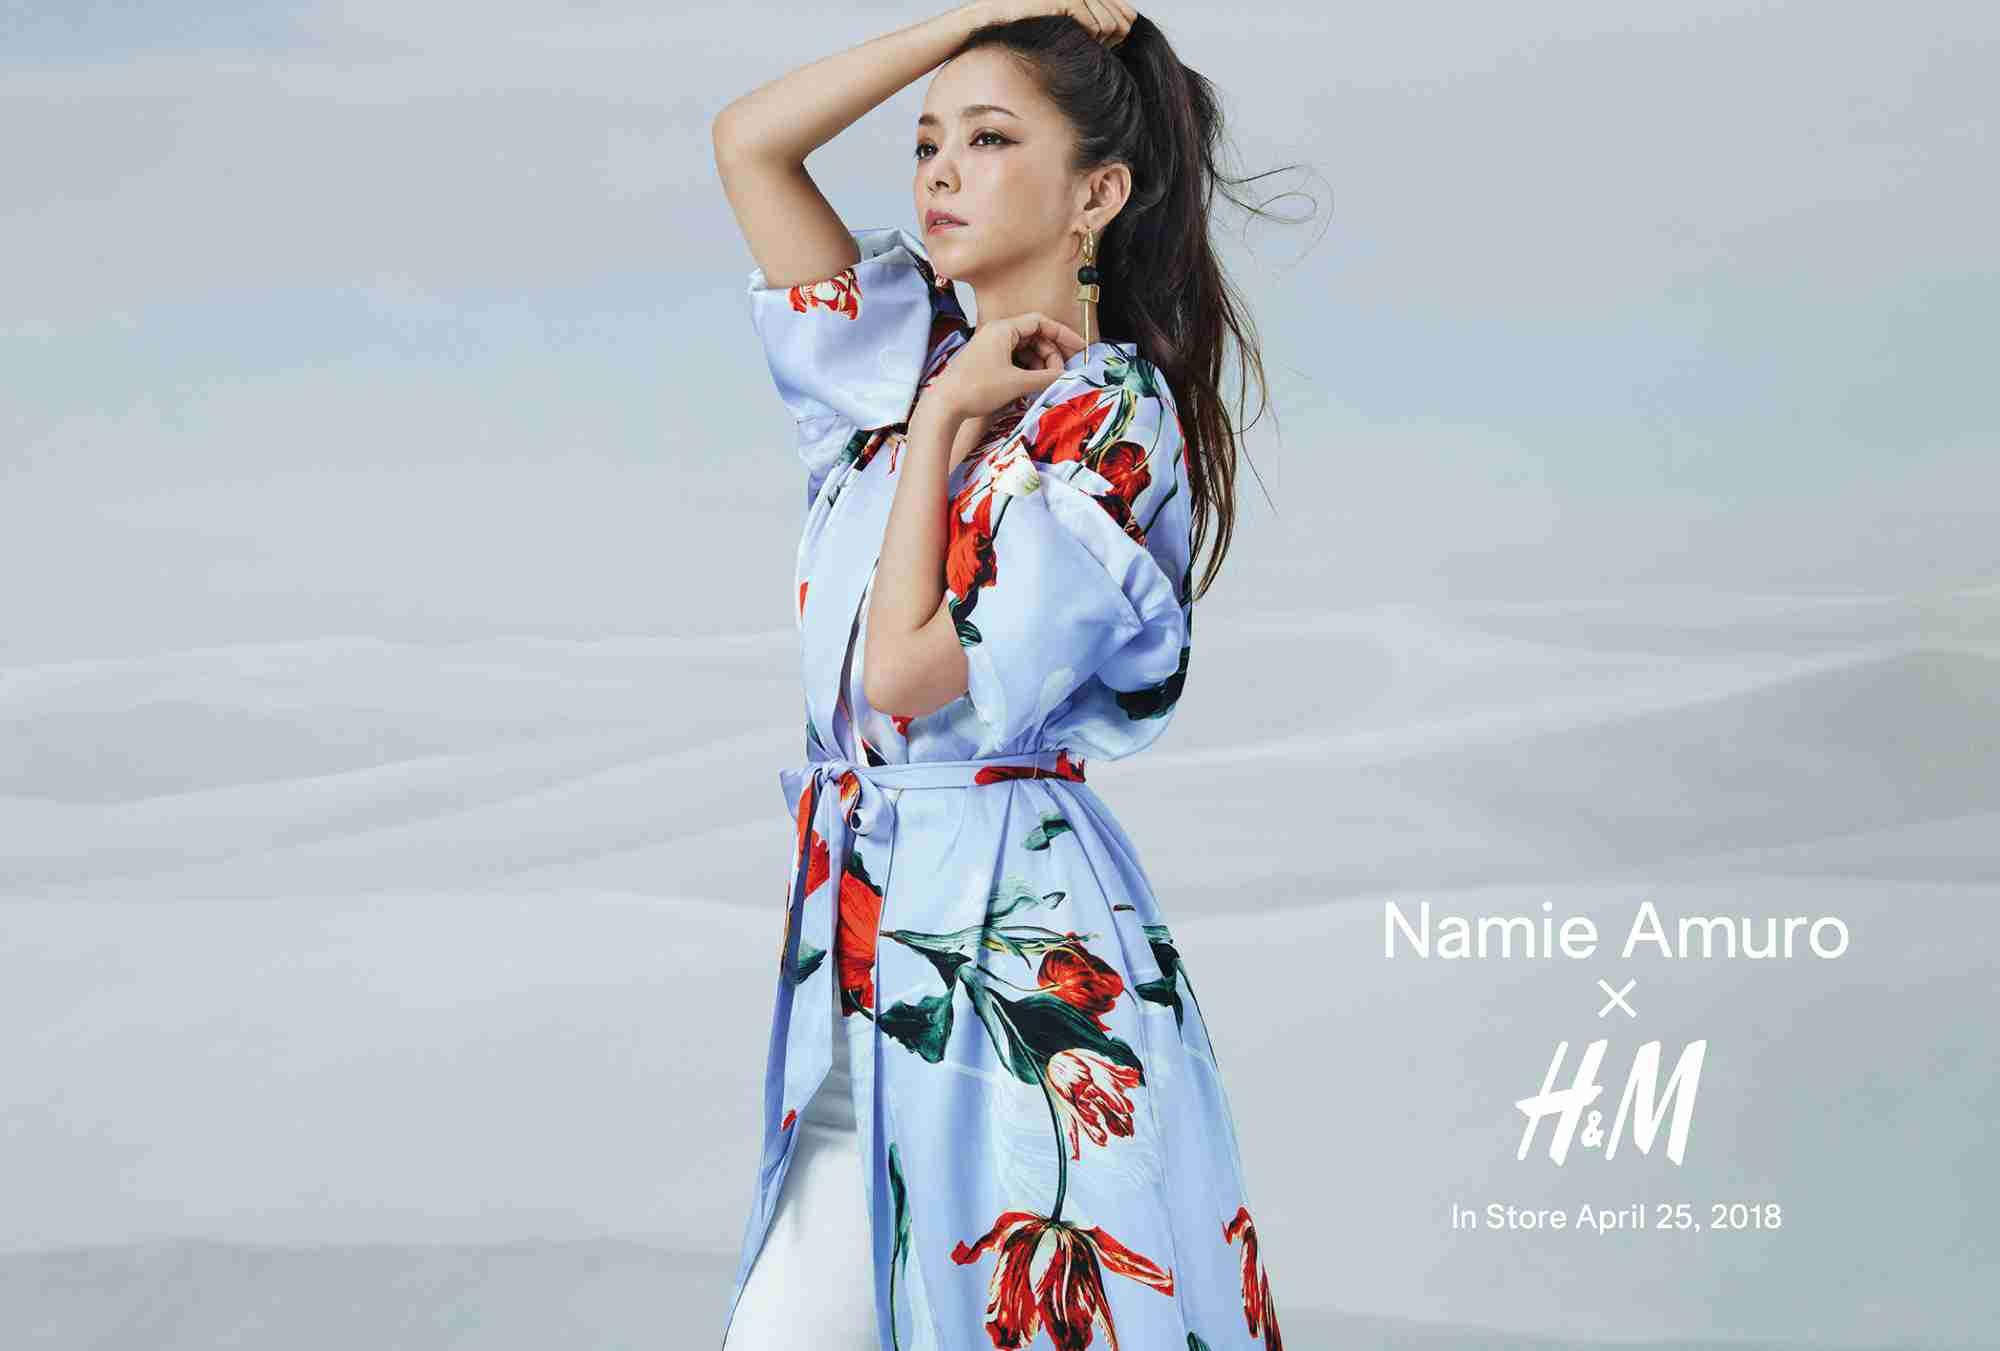 安室奈美恵さんとH&Mのコラボ商品求め、日本一並んだ沖縄 開店前に600人の行列 | 沖縄タイムス+プラス ニュース | 沖縄タイムス+プラス